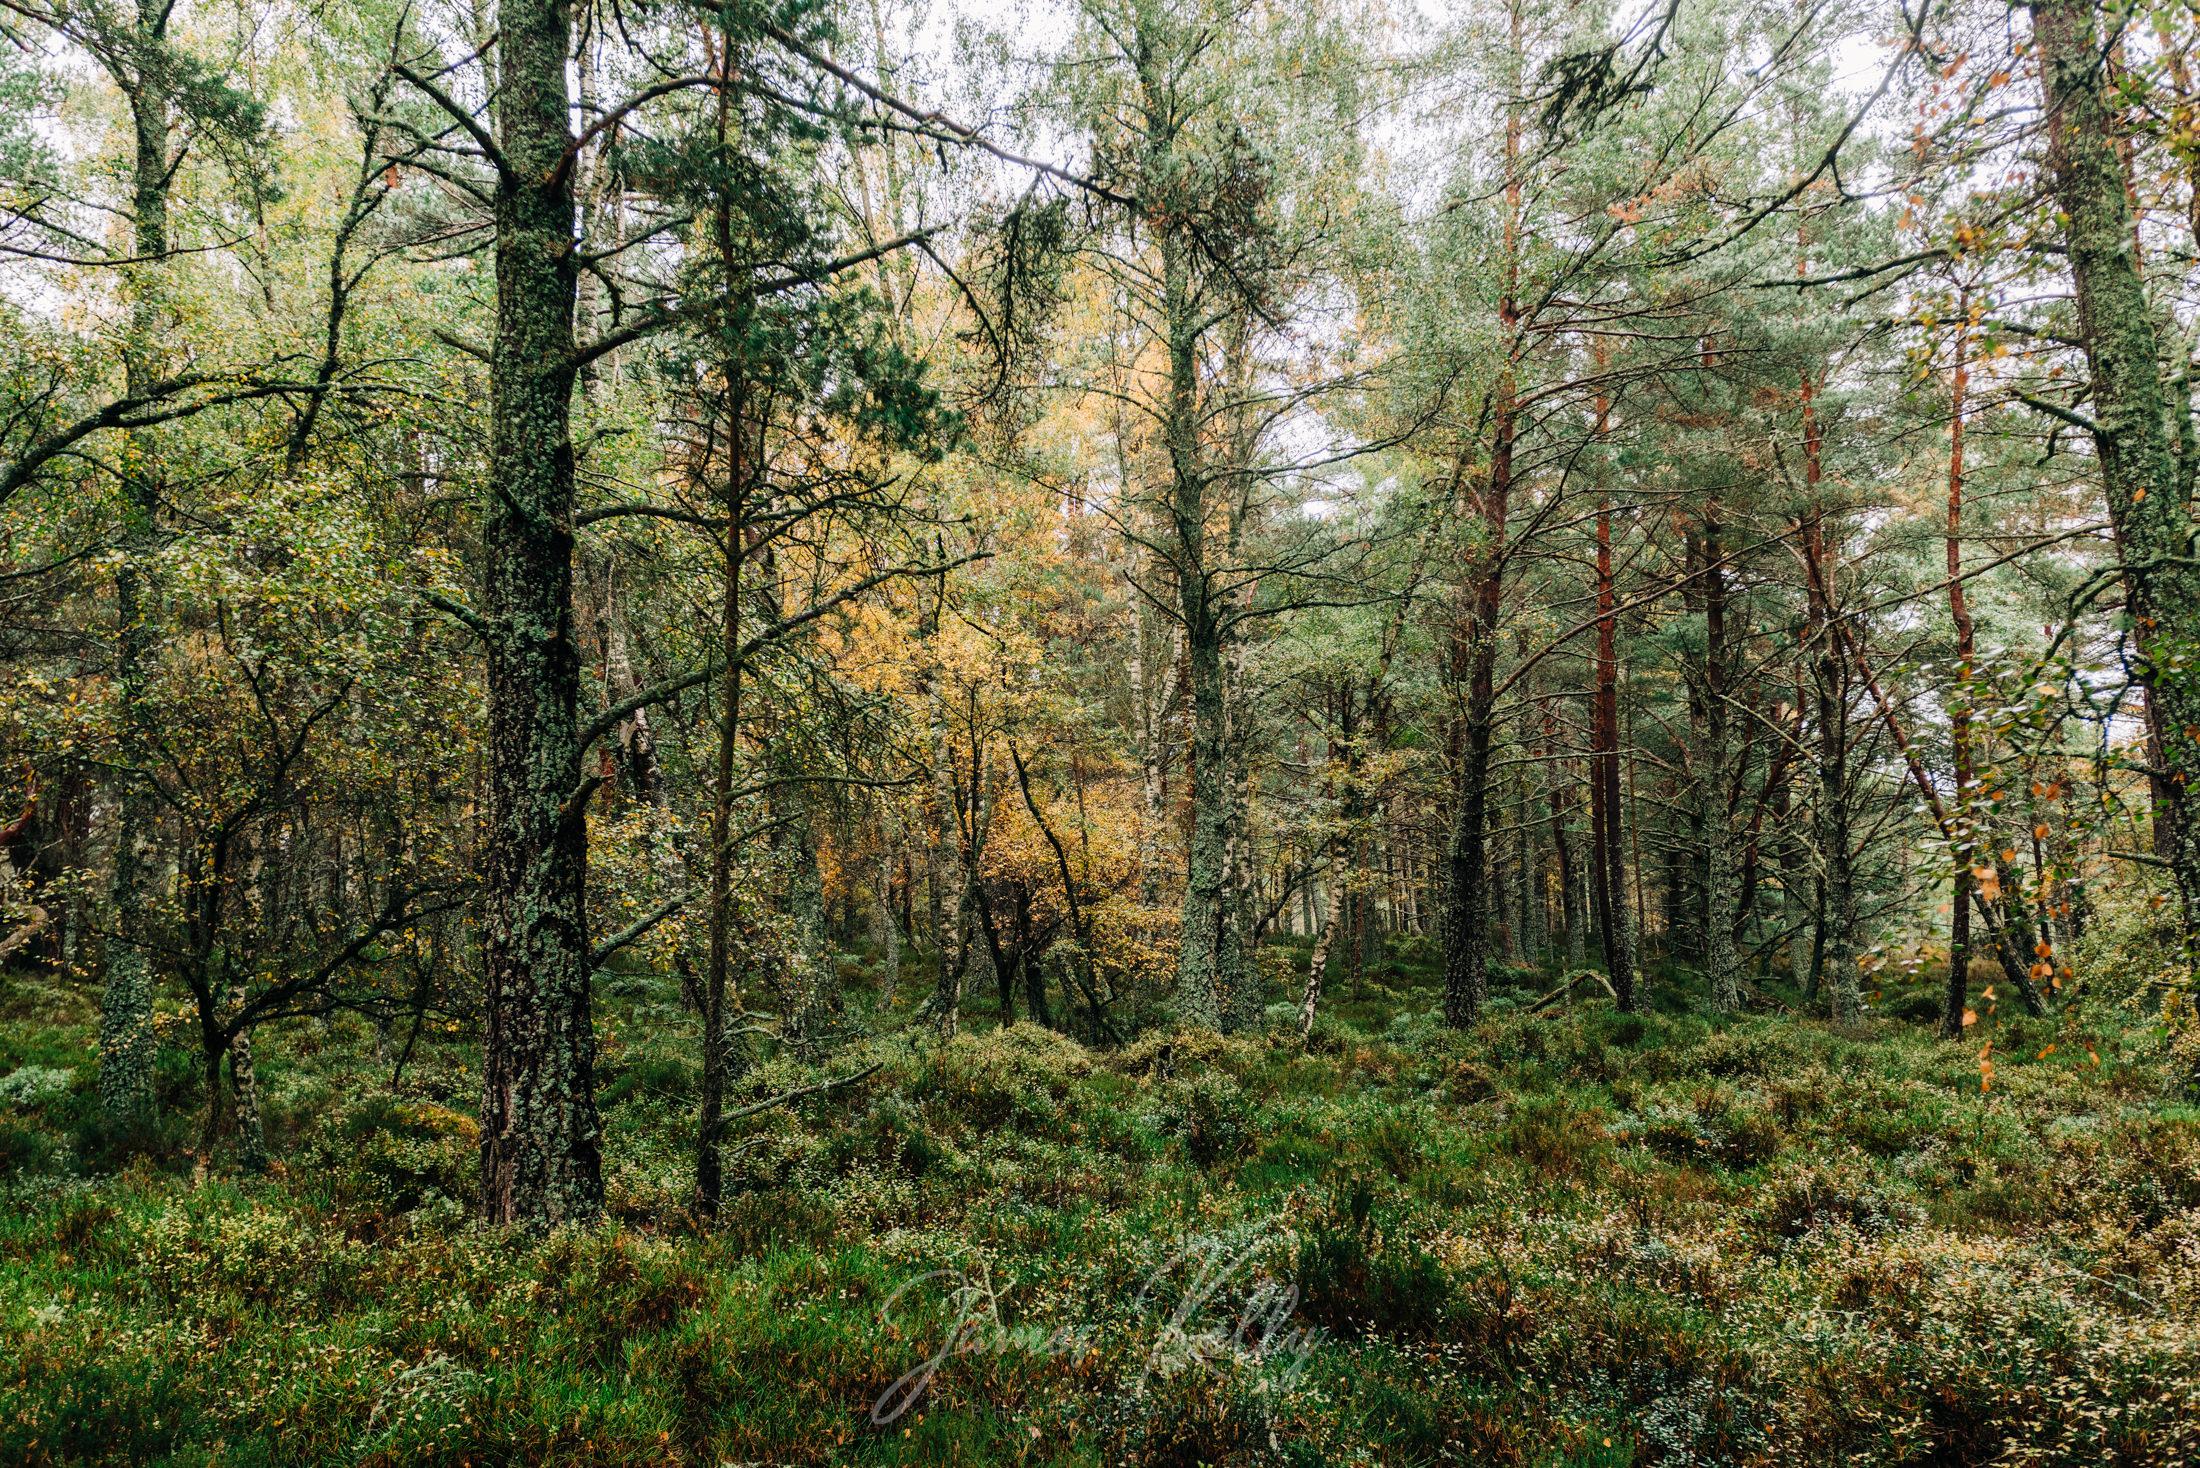 Loch_Morlich_181014_003.jpg